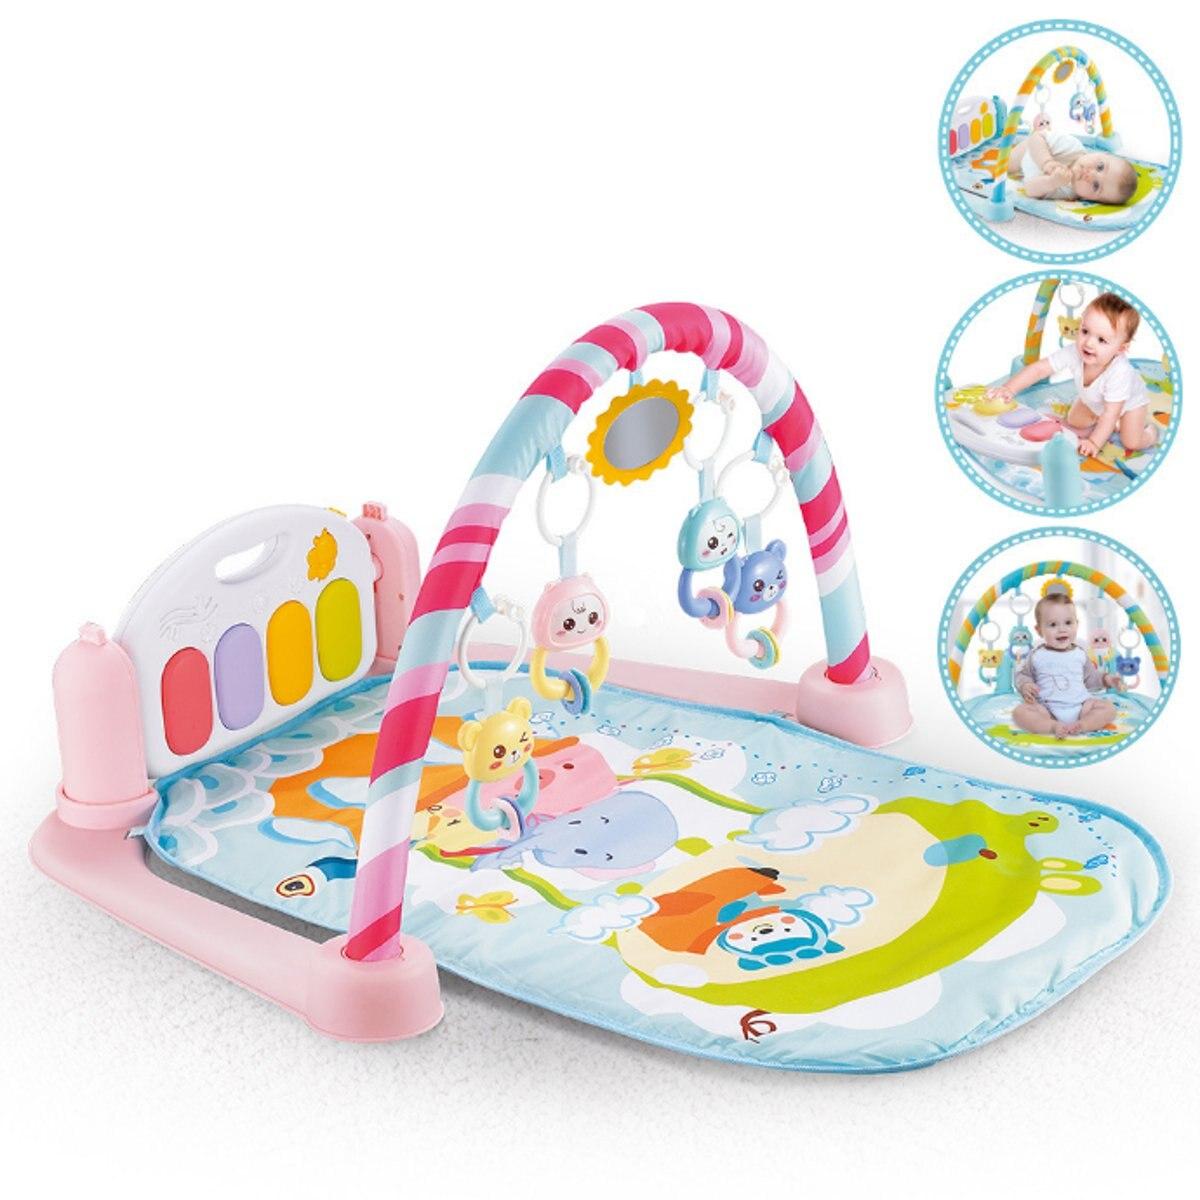 Grand 5-en-1 bébé infantile Gym tapis de jeu activité sol tapis de jeu Fitness exercice tapis Piano Musical jouets éducatifs